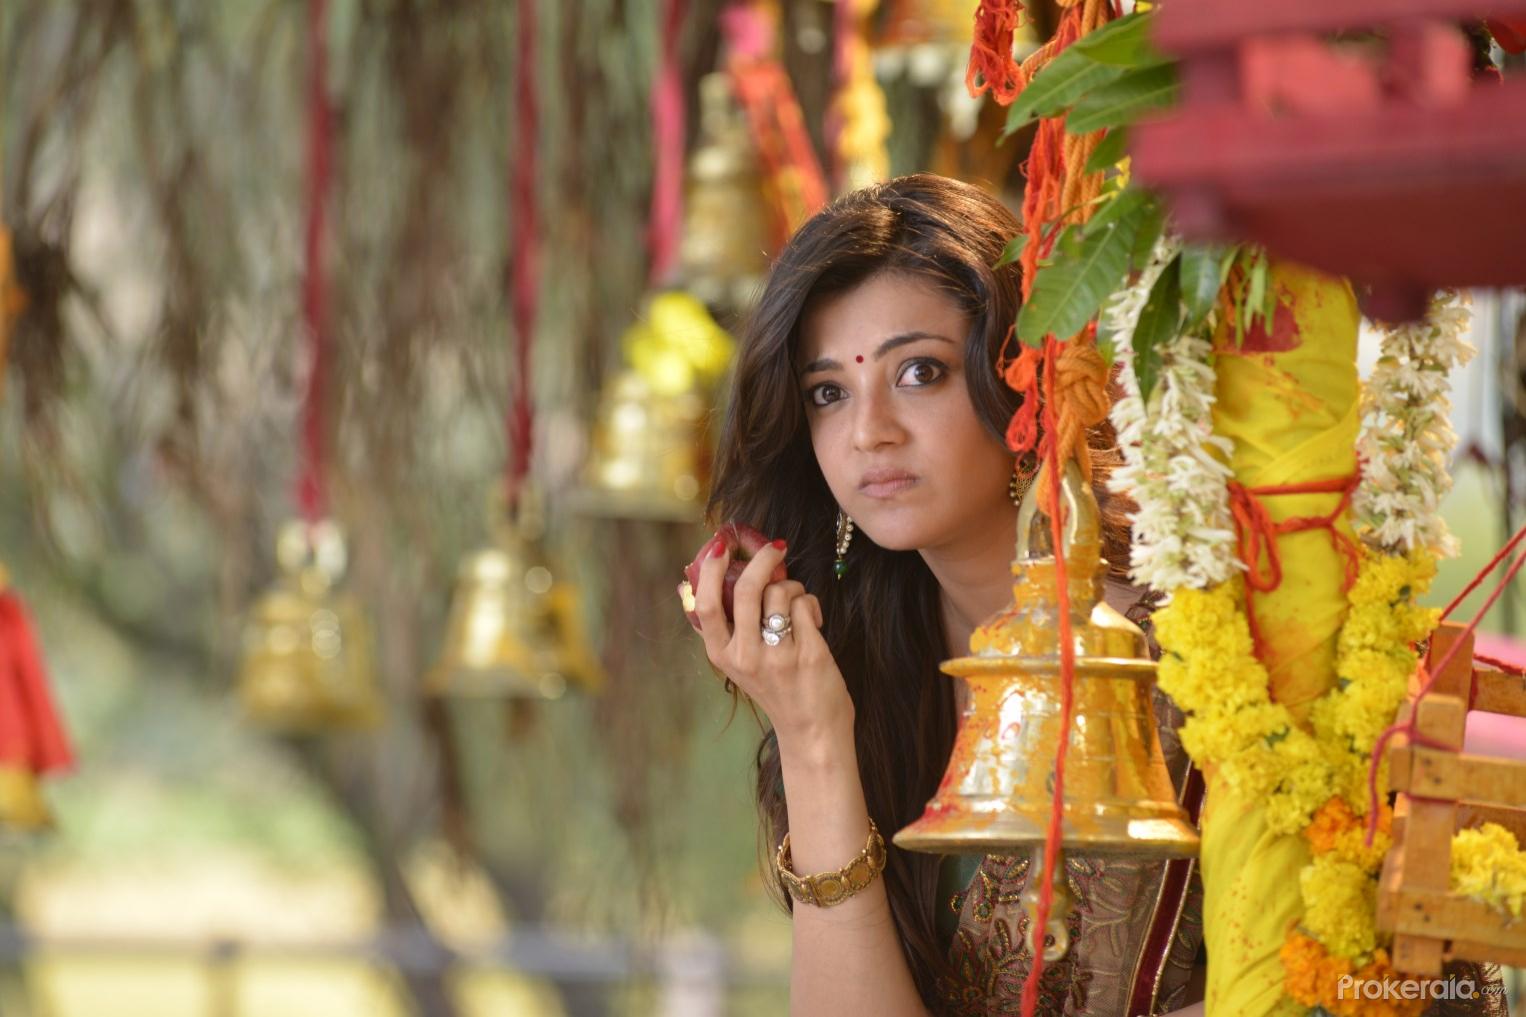 ram leela/ekalavya/govindudu andarivadele movie still still # 8